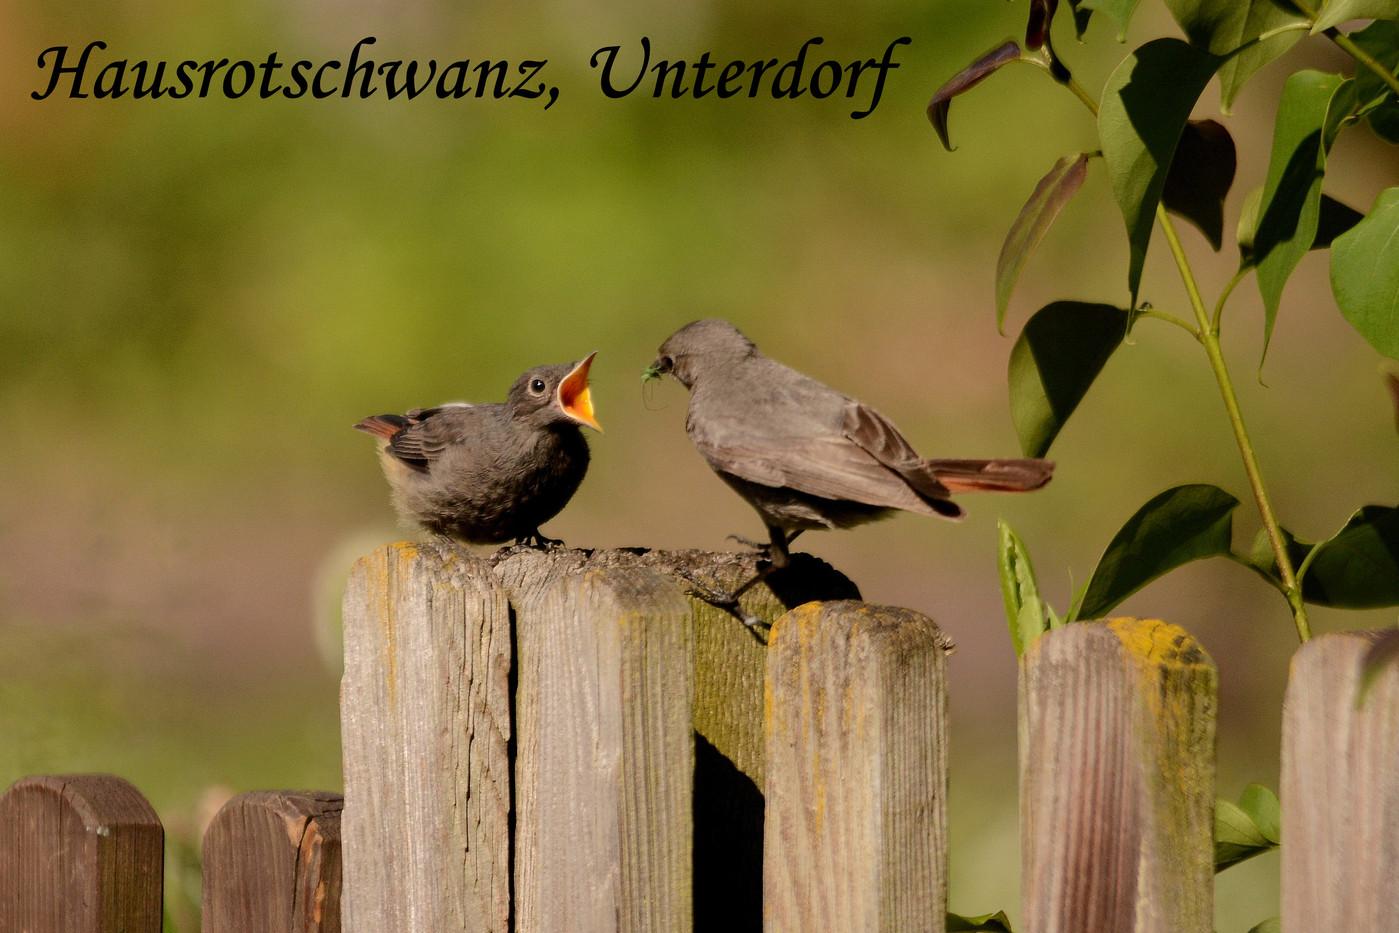 Hausrotschwanz, Unterdorf